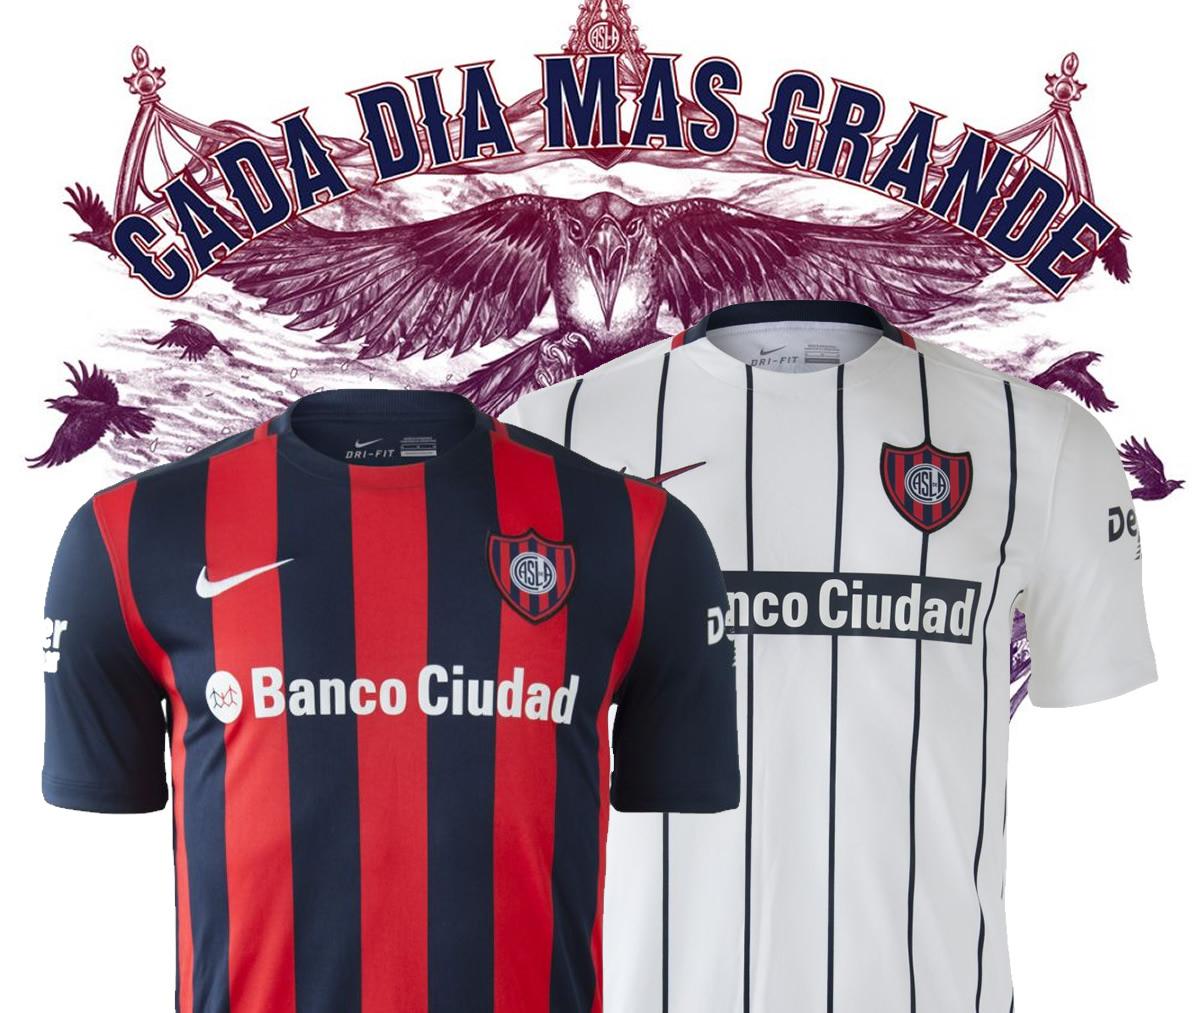 Las nuevas camisetas de San Lorenzo | Imágenes Netshoes